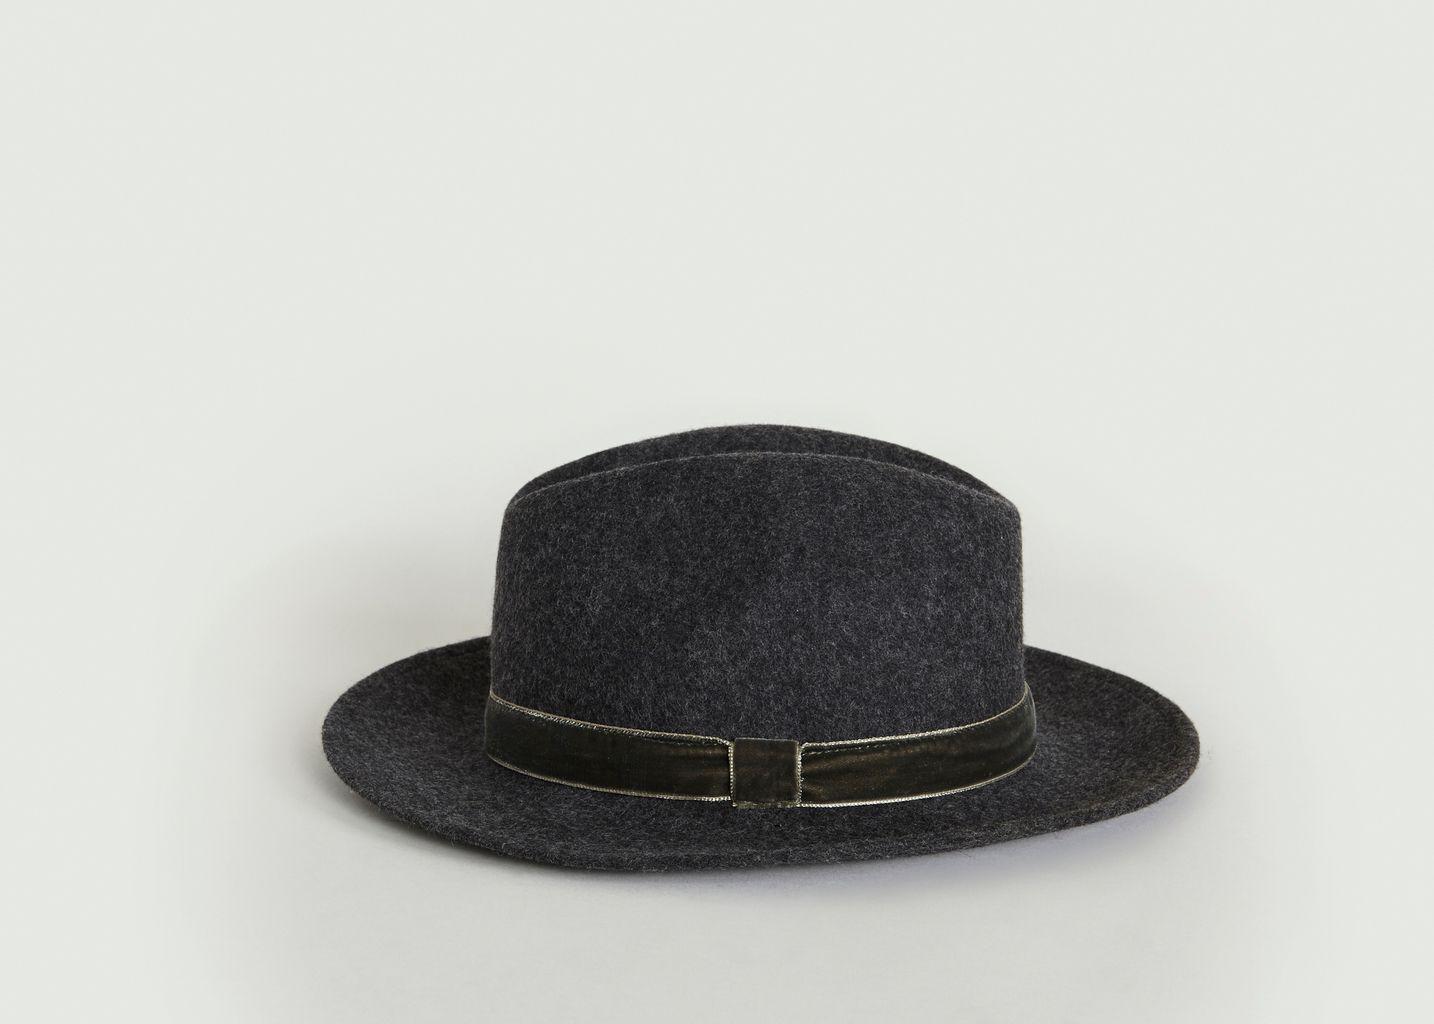 Chapeau : quel chapeau choisir pour un style impeccable ?